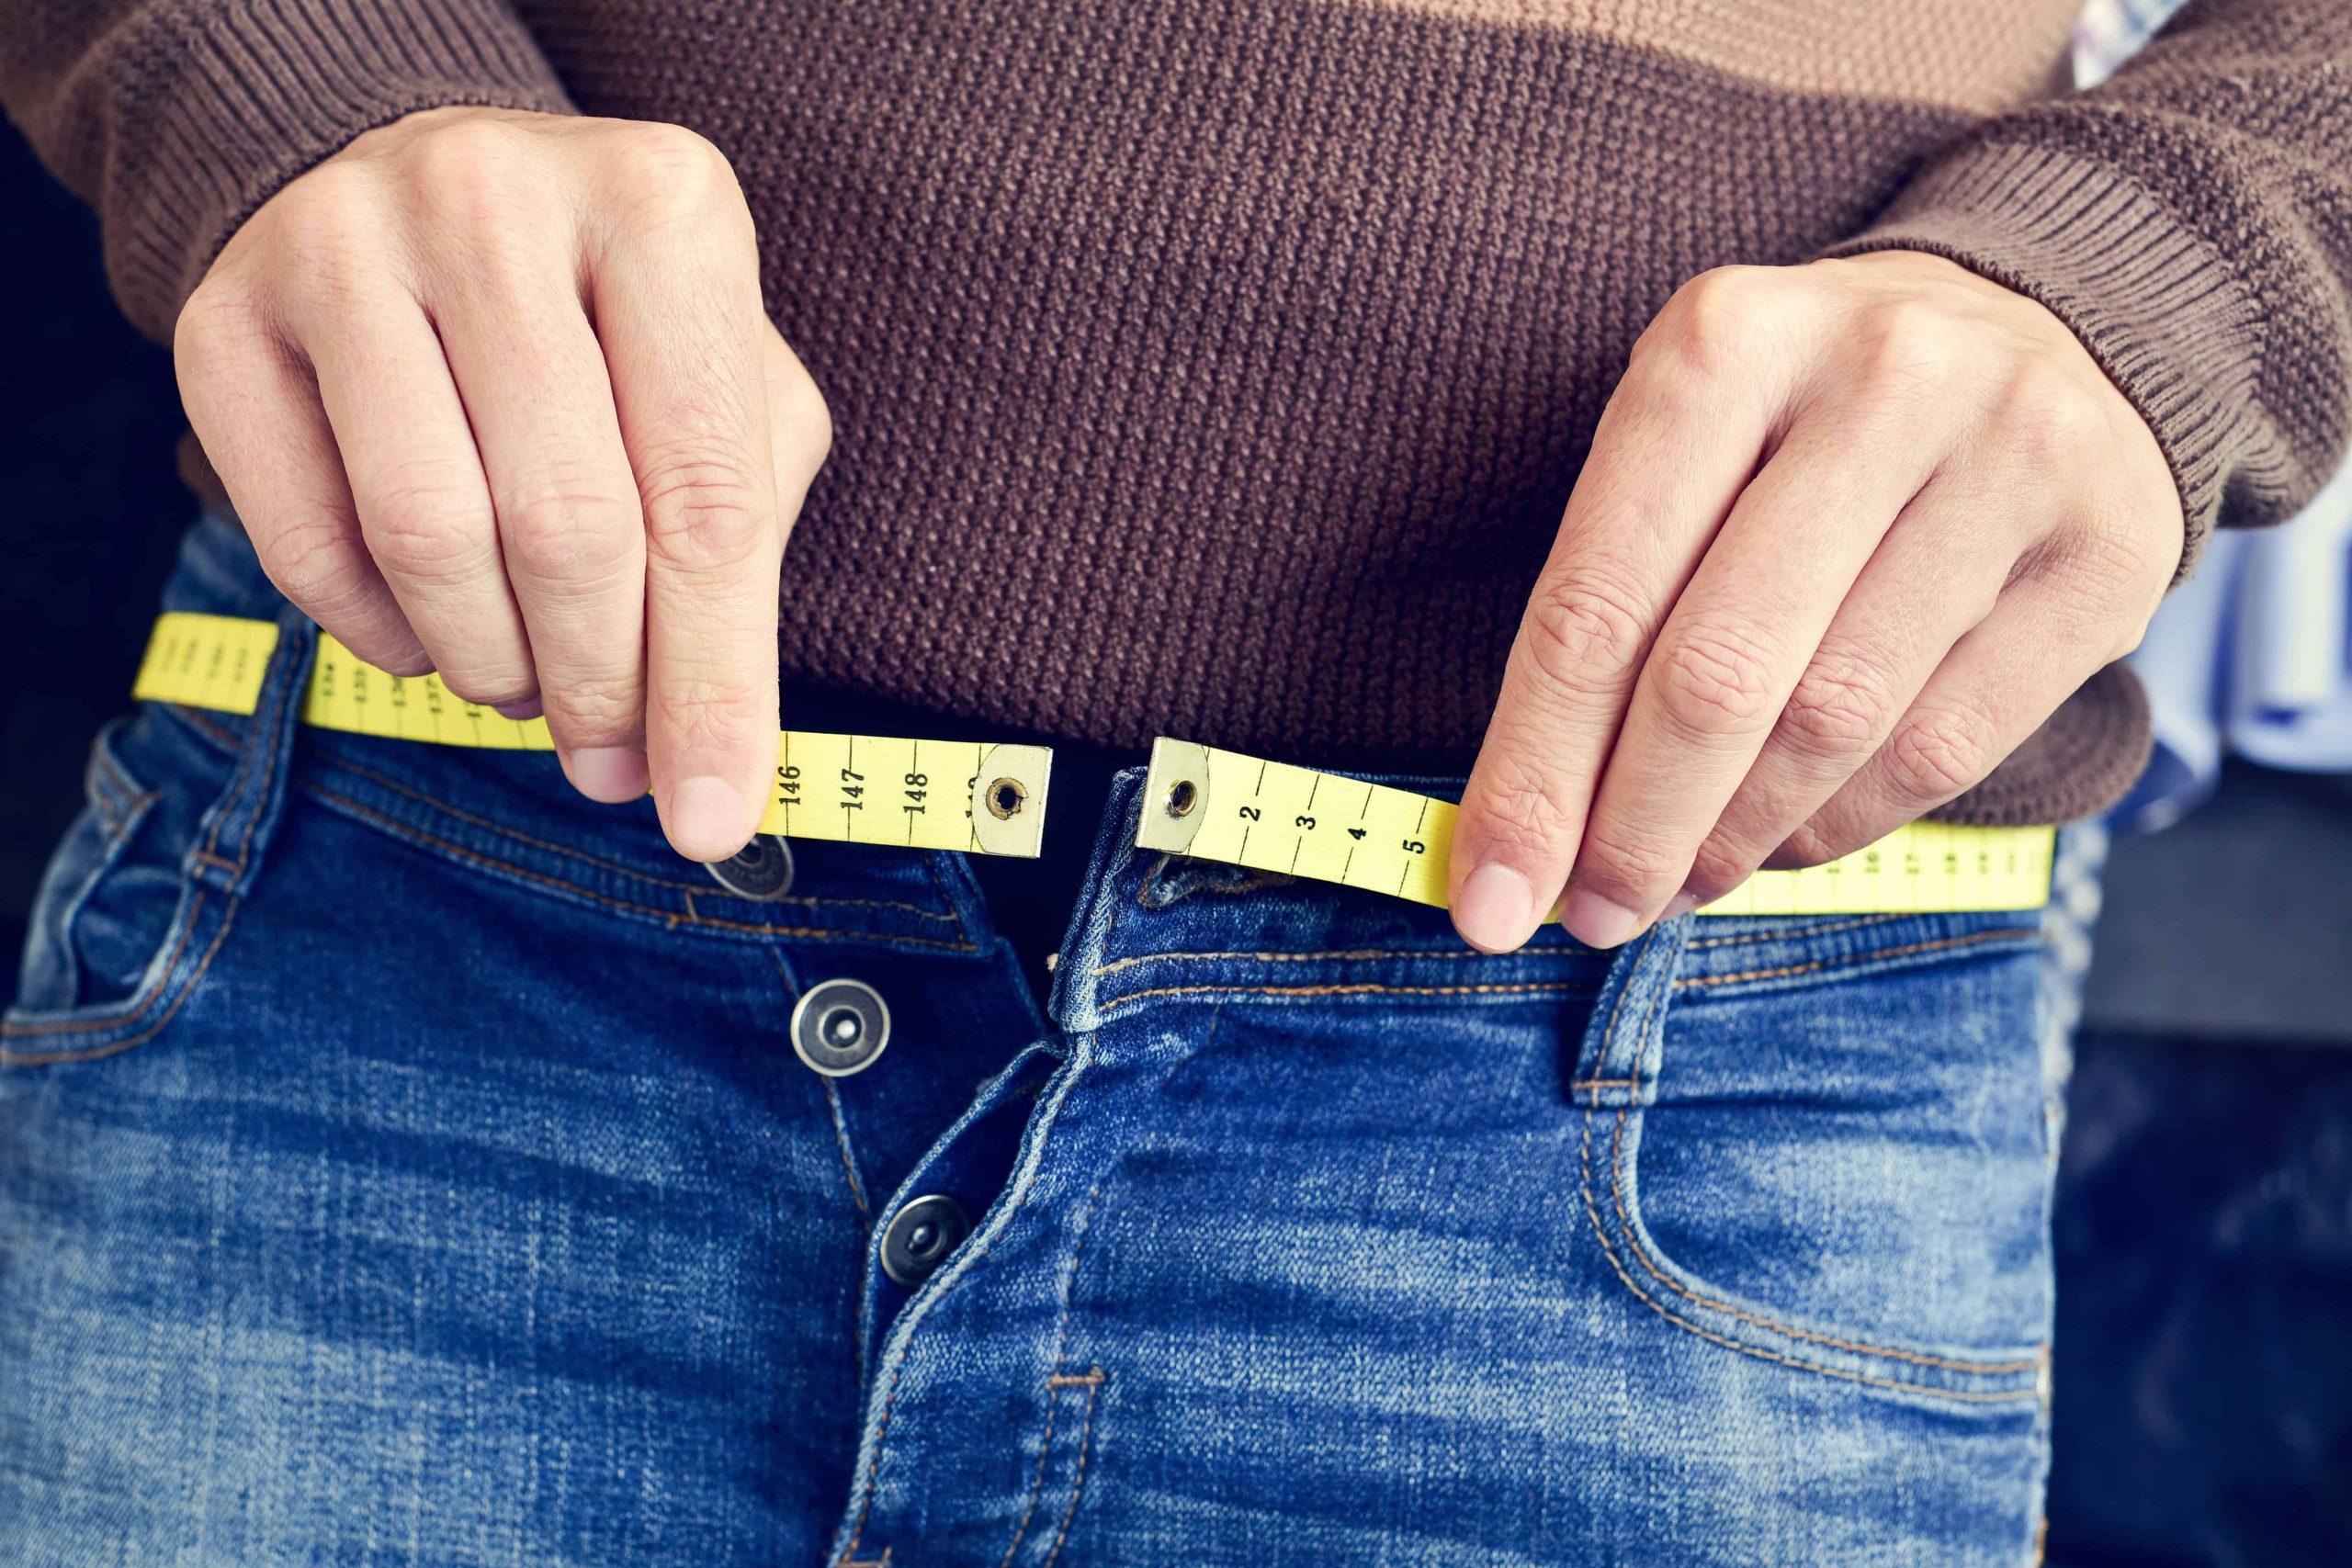 Gesund Zunehmen: Die wichtigsten Fragen und Antworten